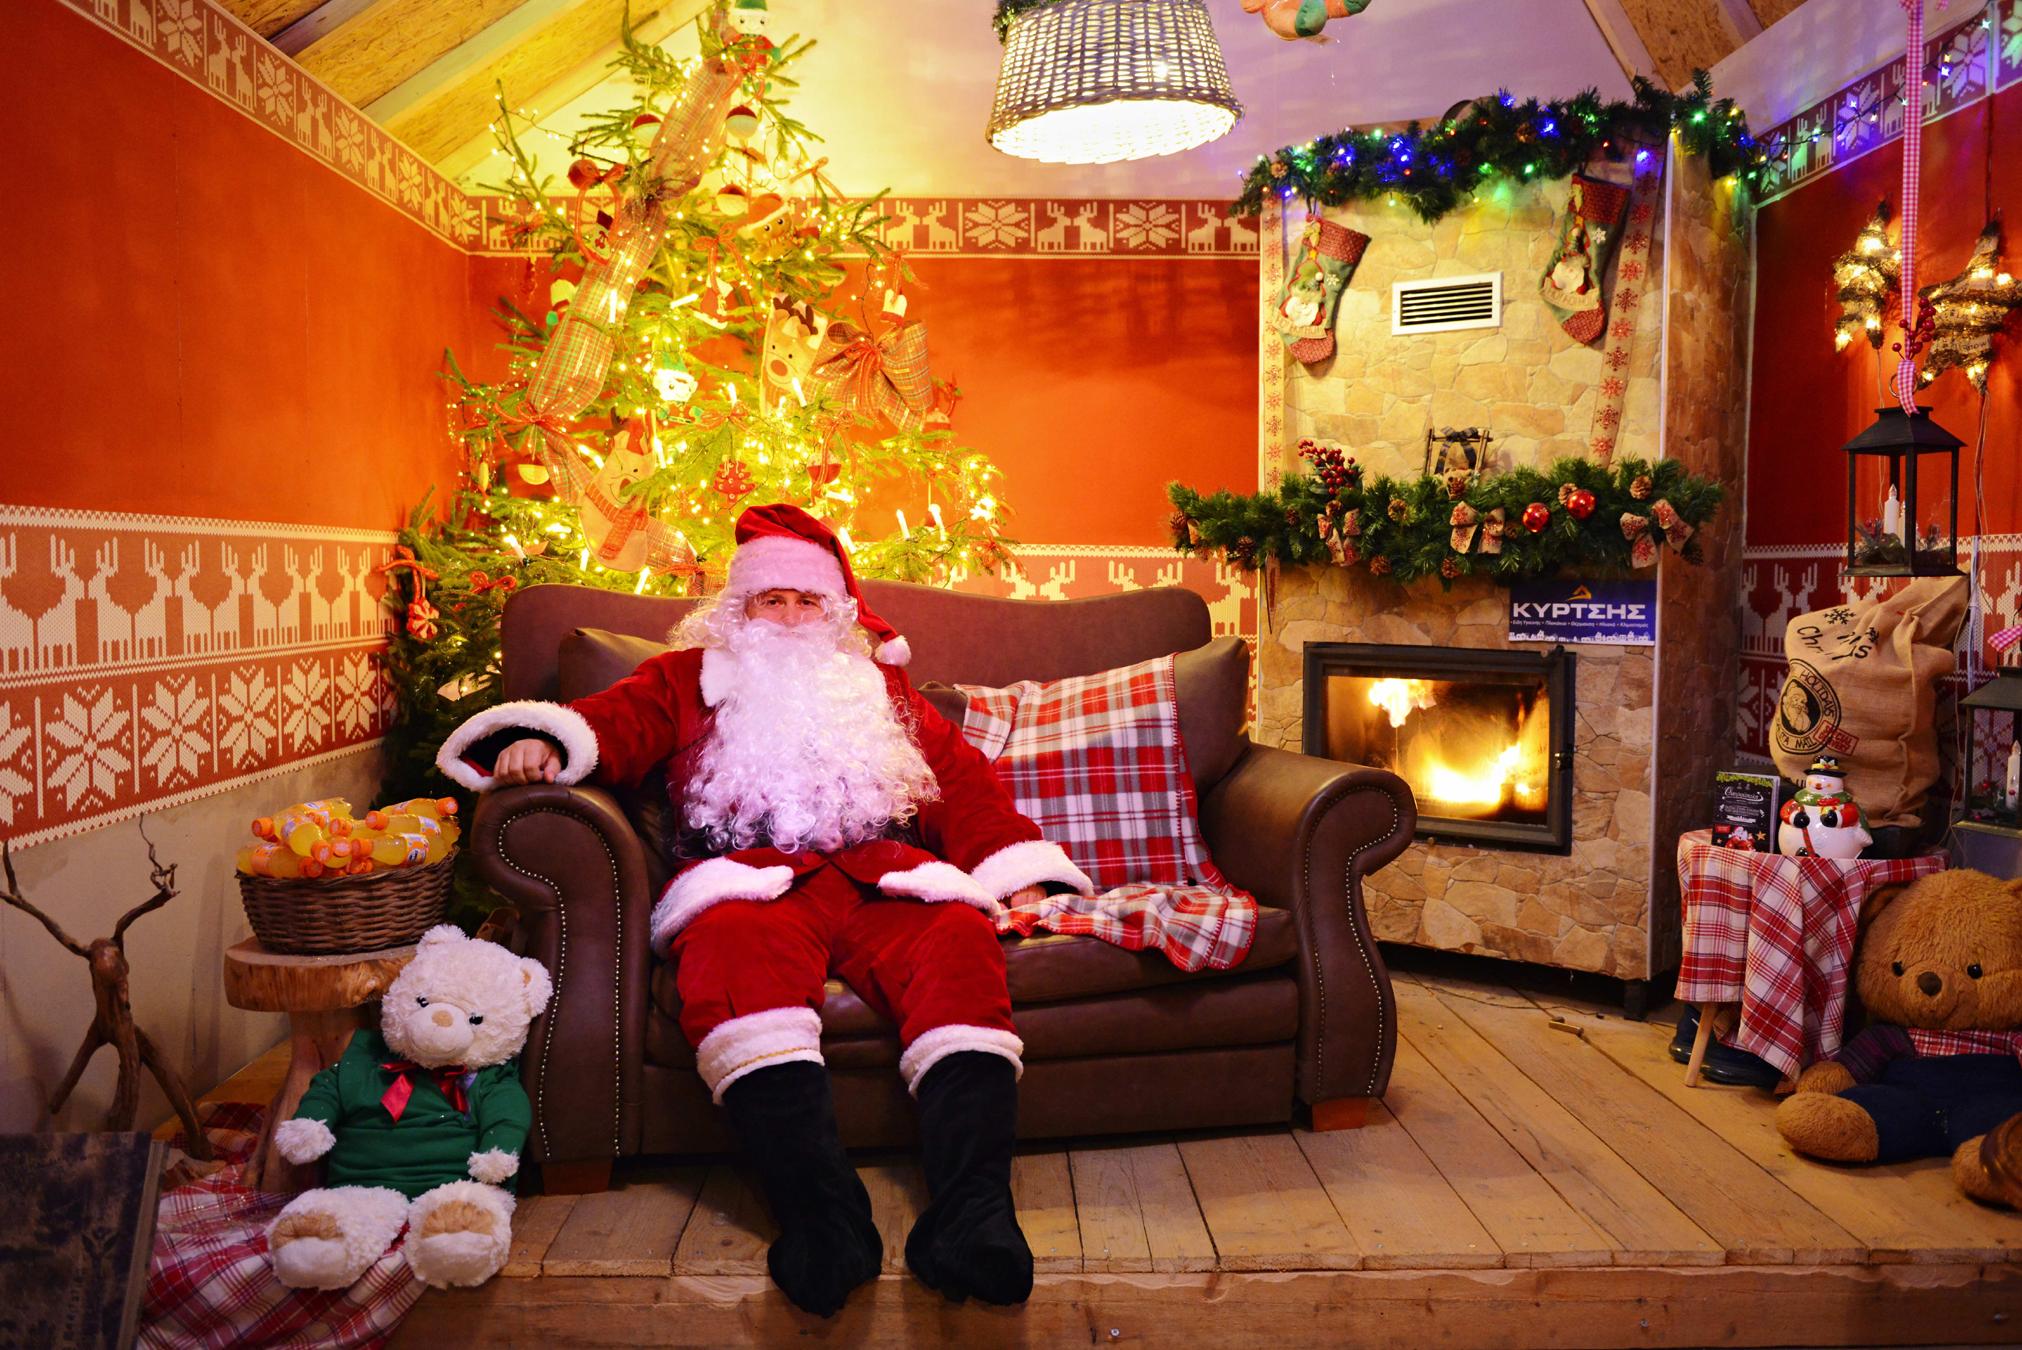 Χιλιάδες επισκέπτες στην Ονειρούπολη πρωταγωνίστησαν στο αυθεντικό παραμύθι των Χριστουγέννων!